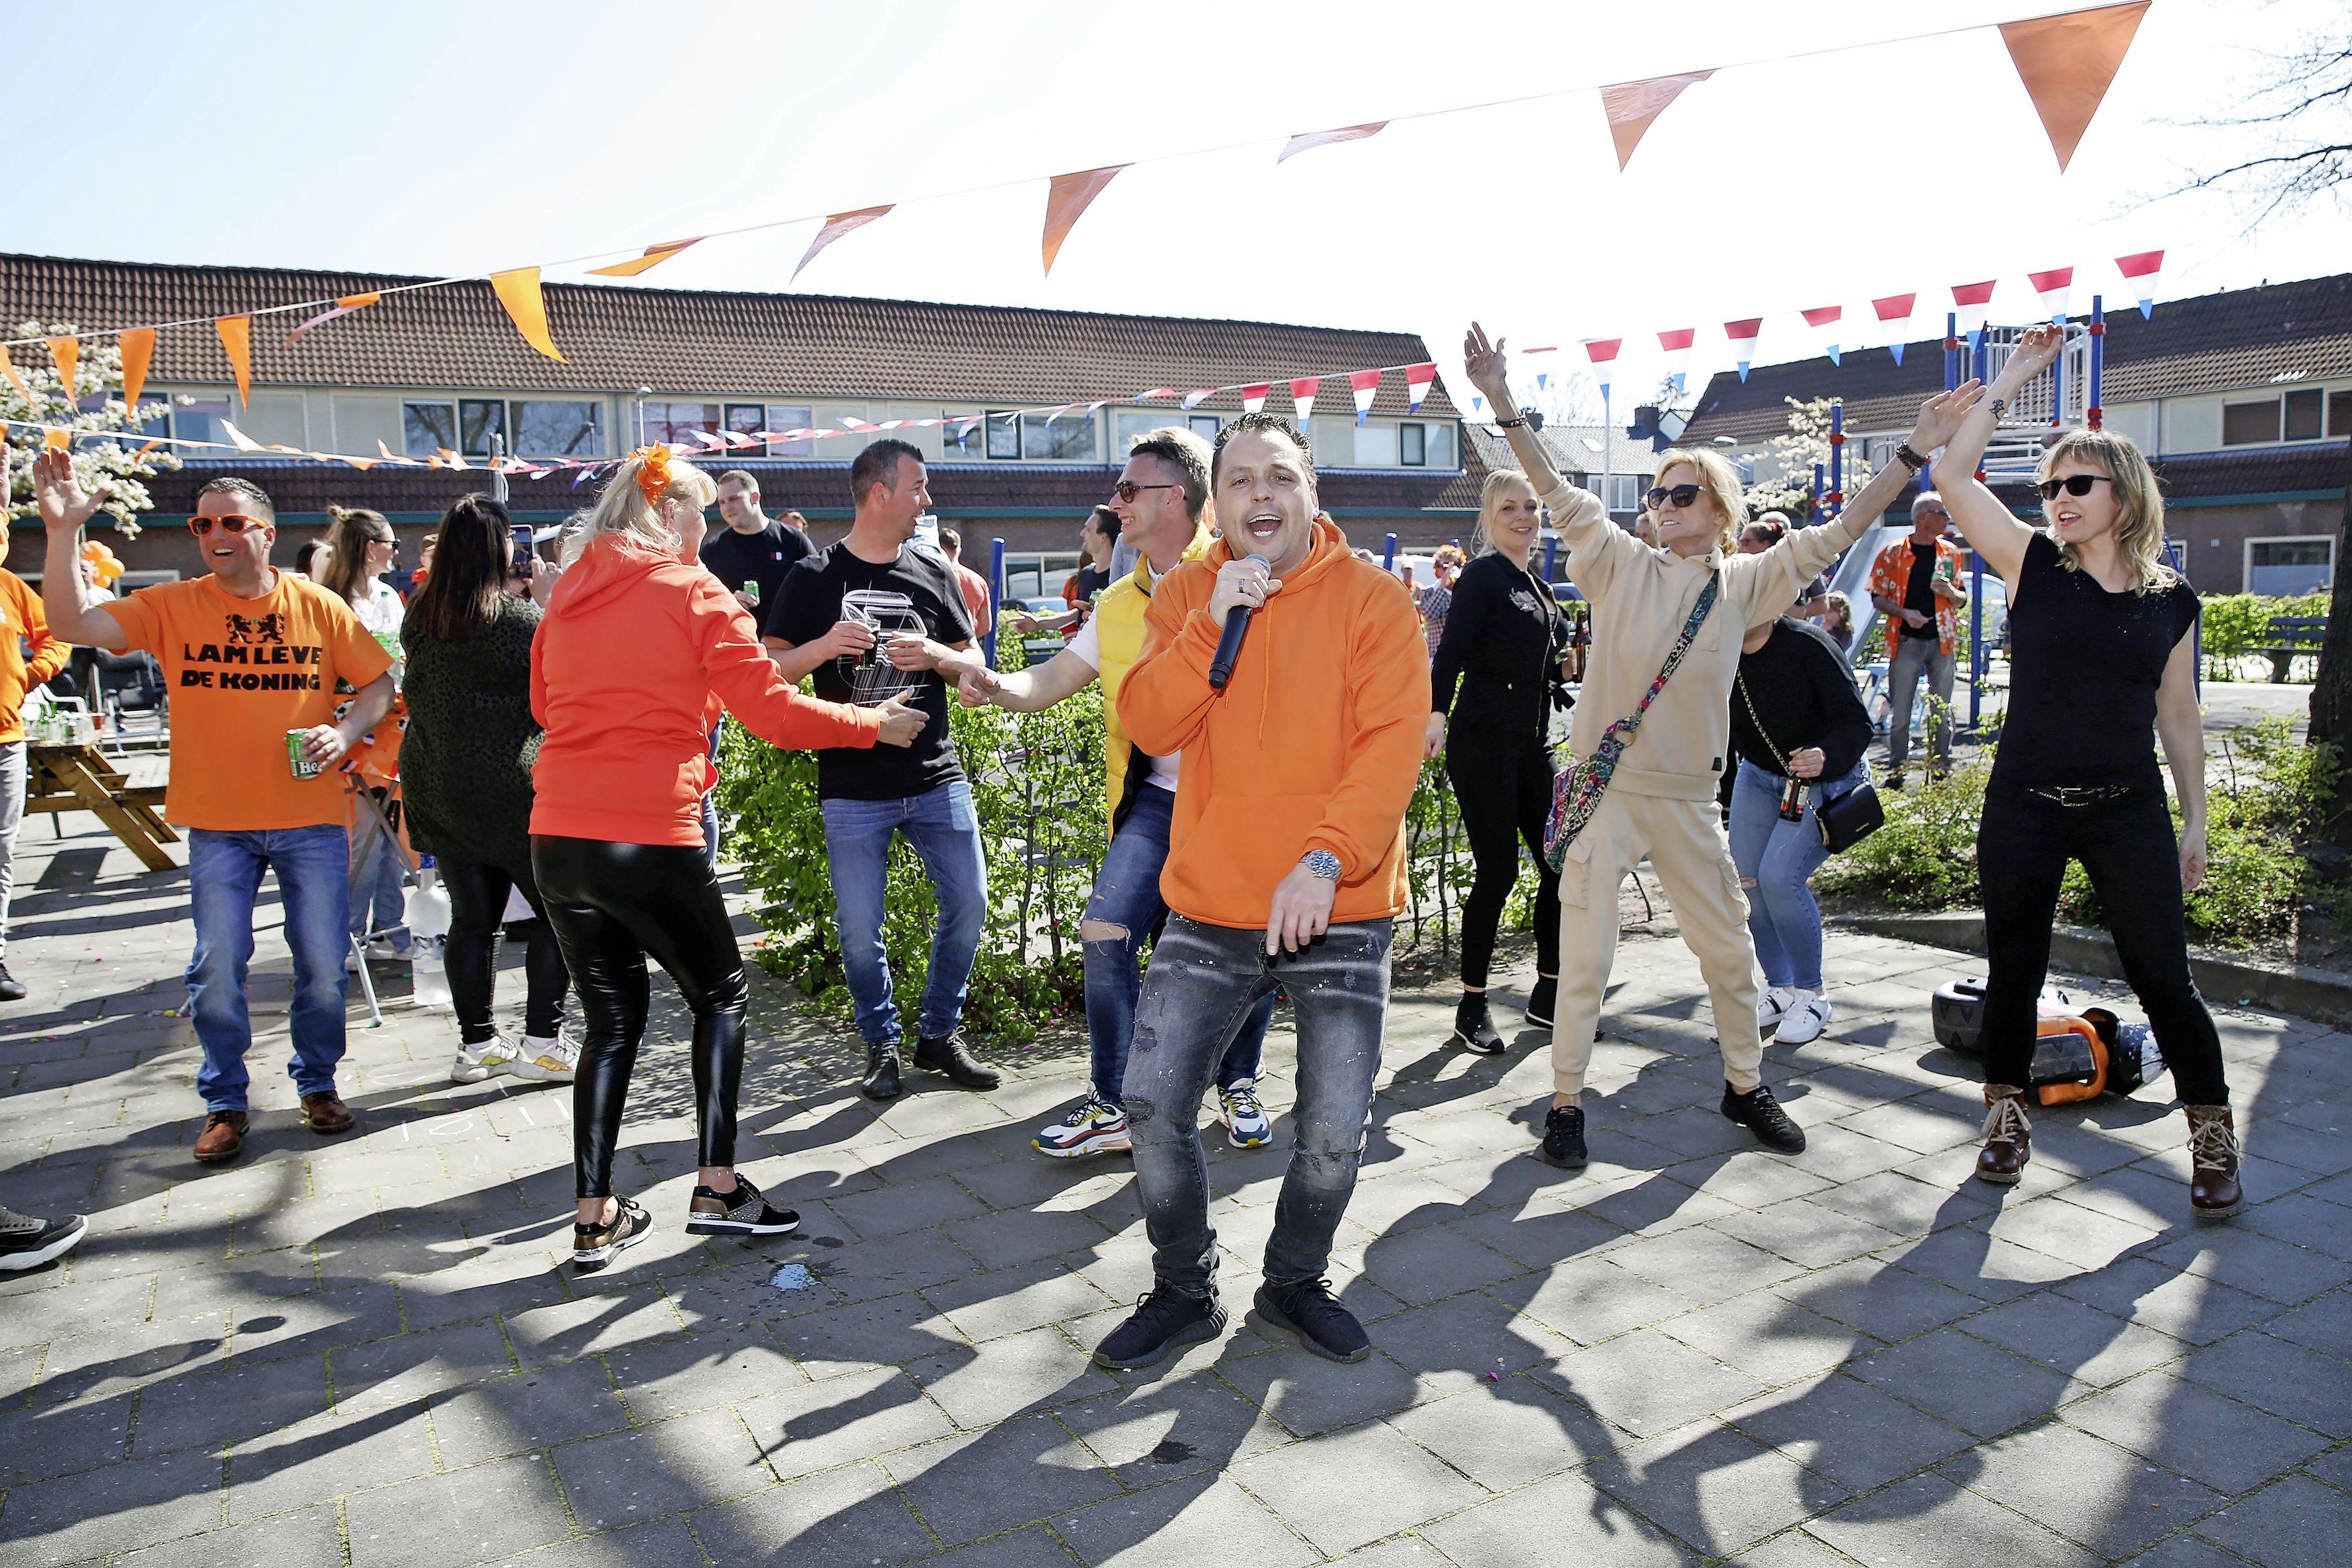 'Geen Oranjefeesten dit jaar? Dan organiseren we zelf wel wat leuks', dachten ze in de Bussumer Spijkerstraat. Een zanger erbij, en gaan!